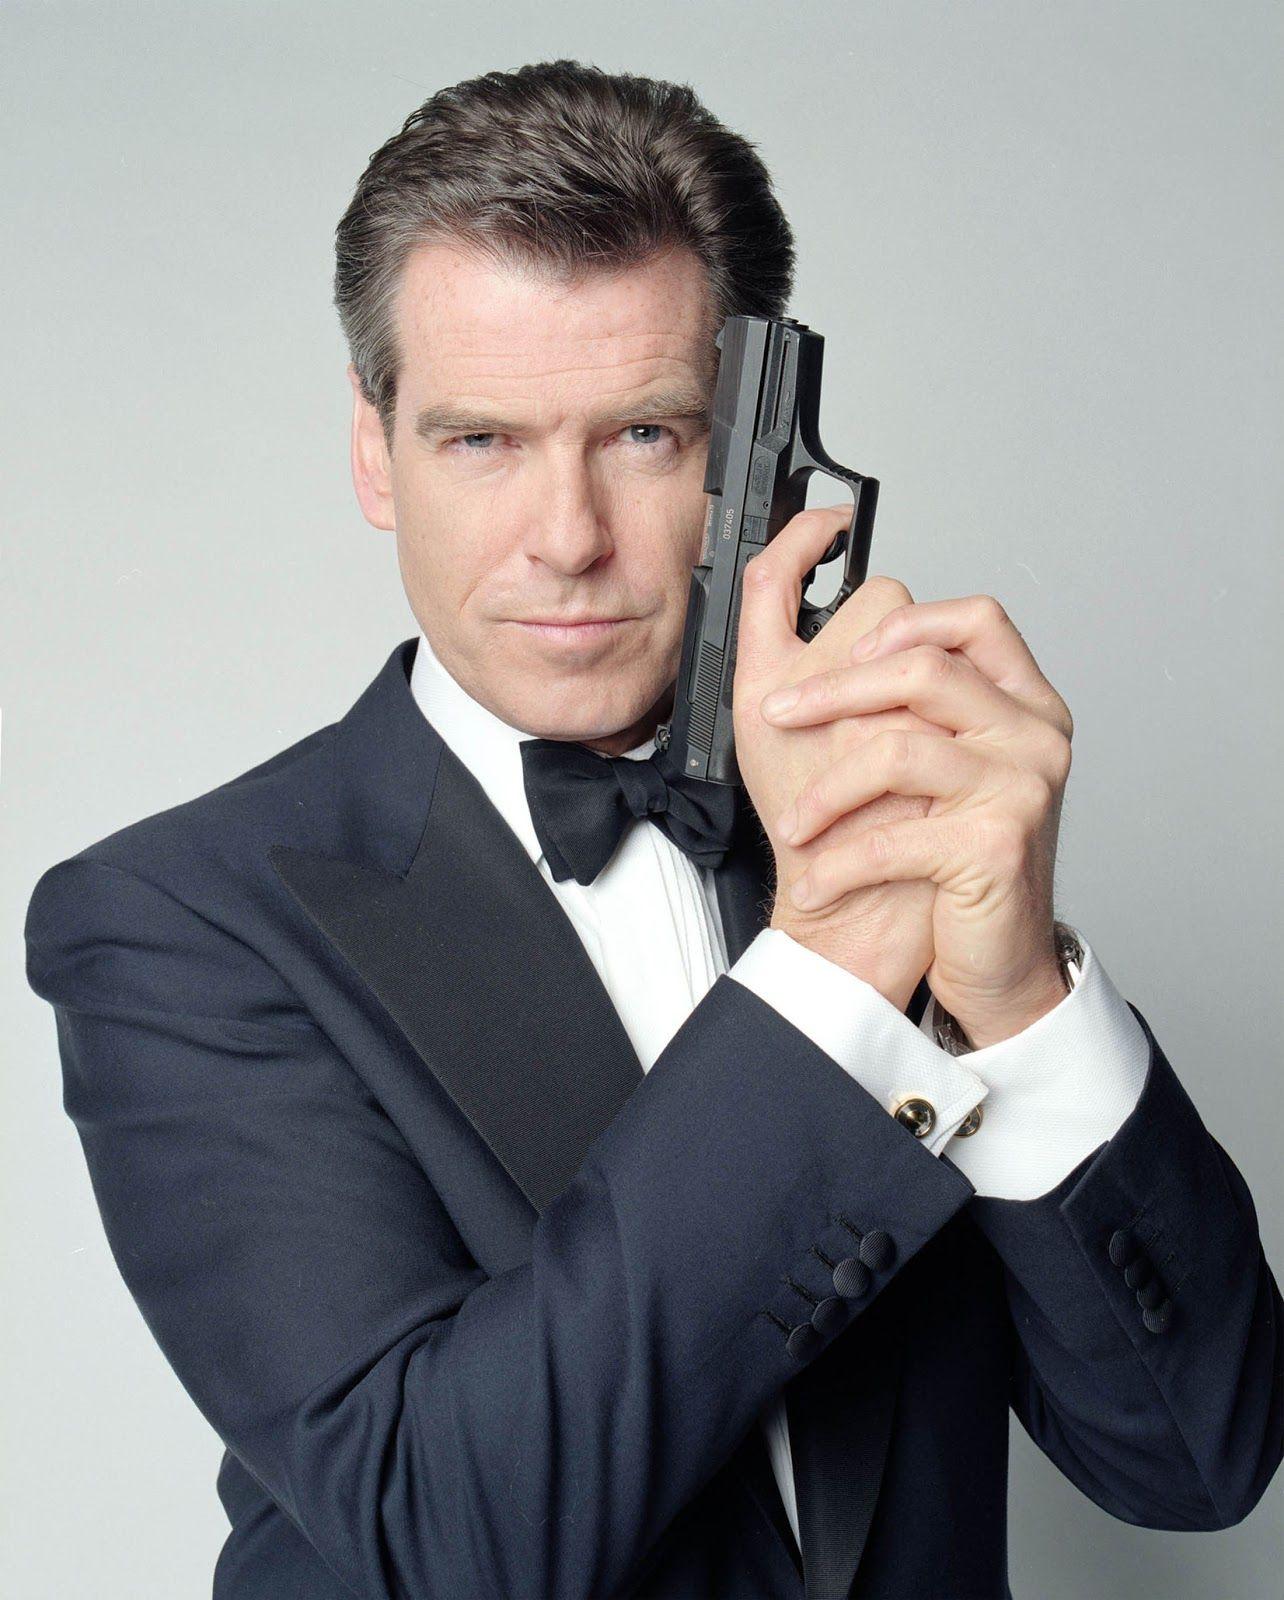 007 O Mundo Nao E O Bastante James Bond Movies Pierce Brosnan